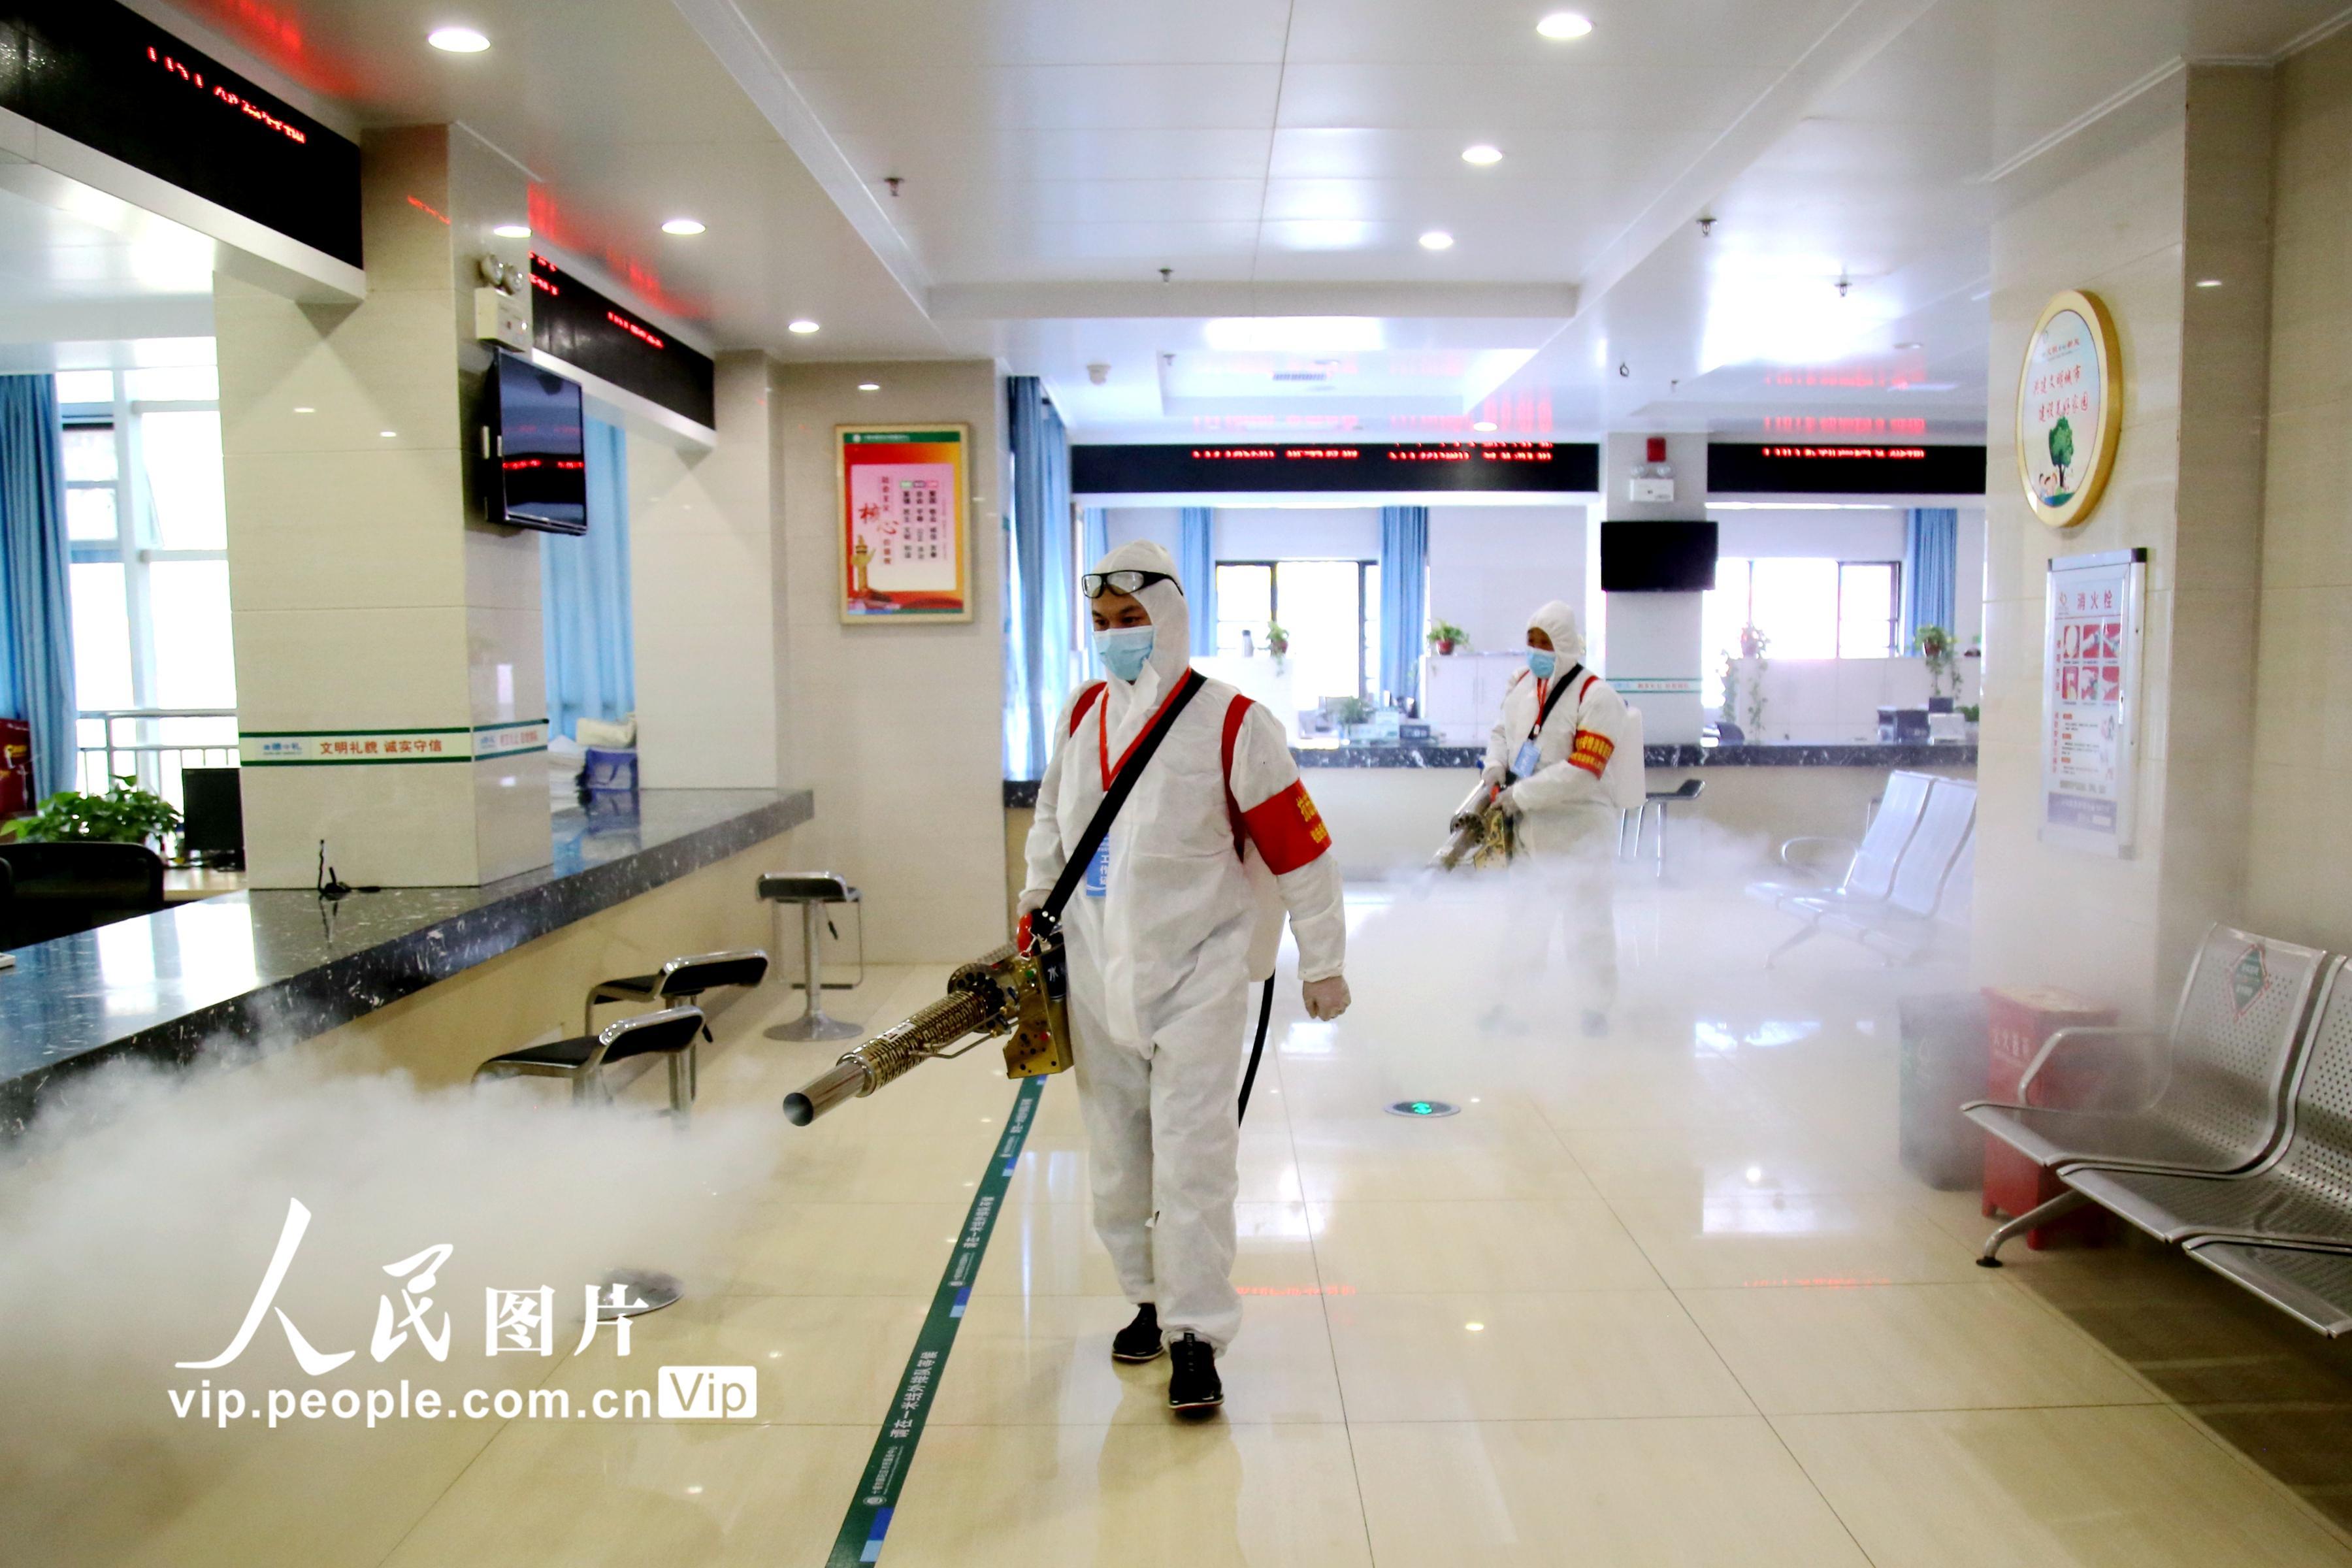 湖北十堰:新冠肺炎病例清零 公共区域全面消毒